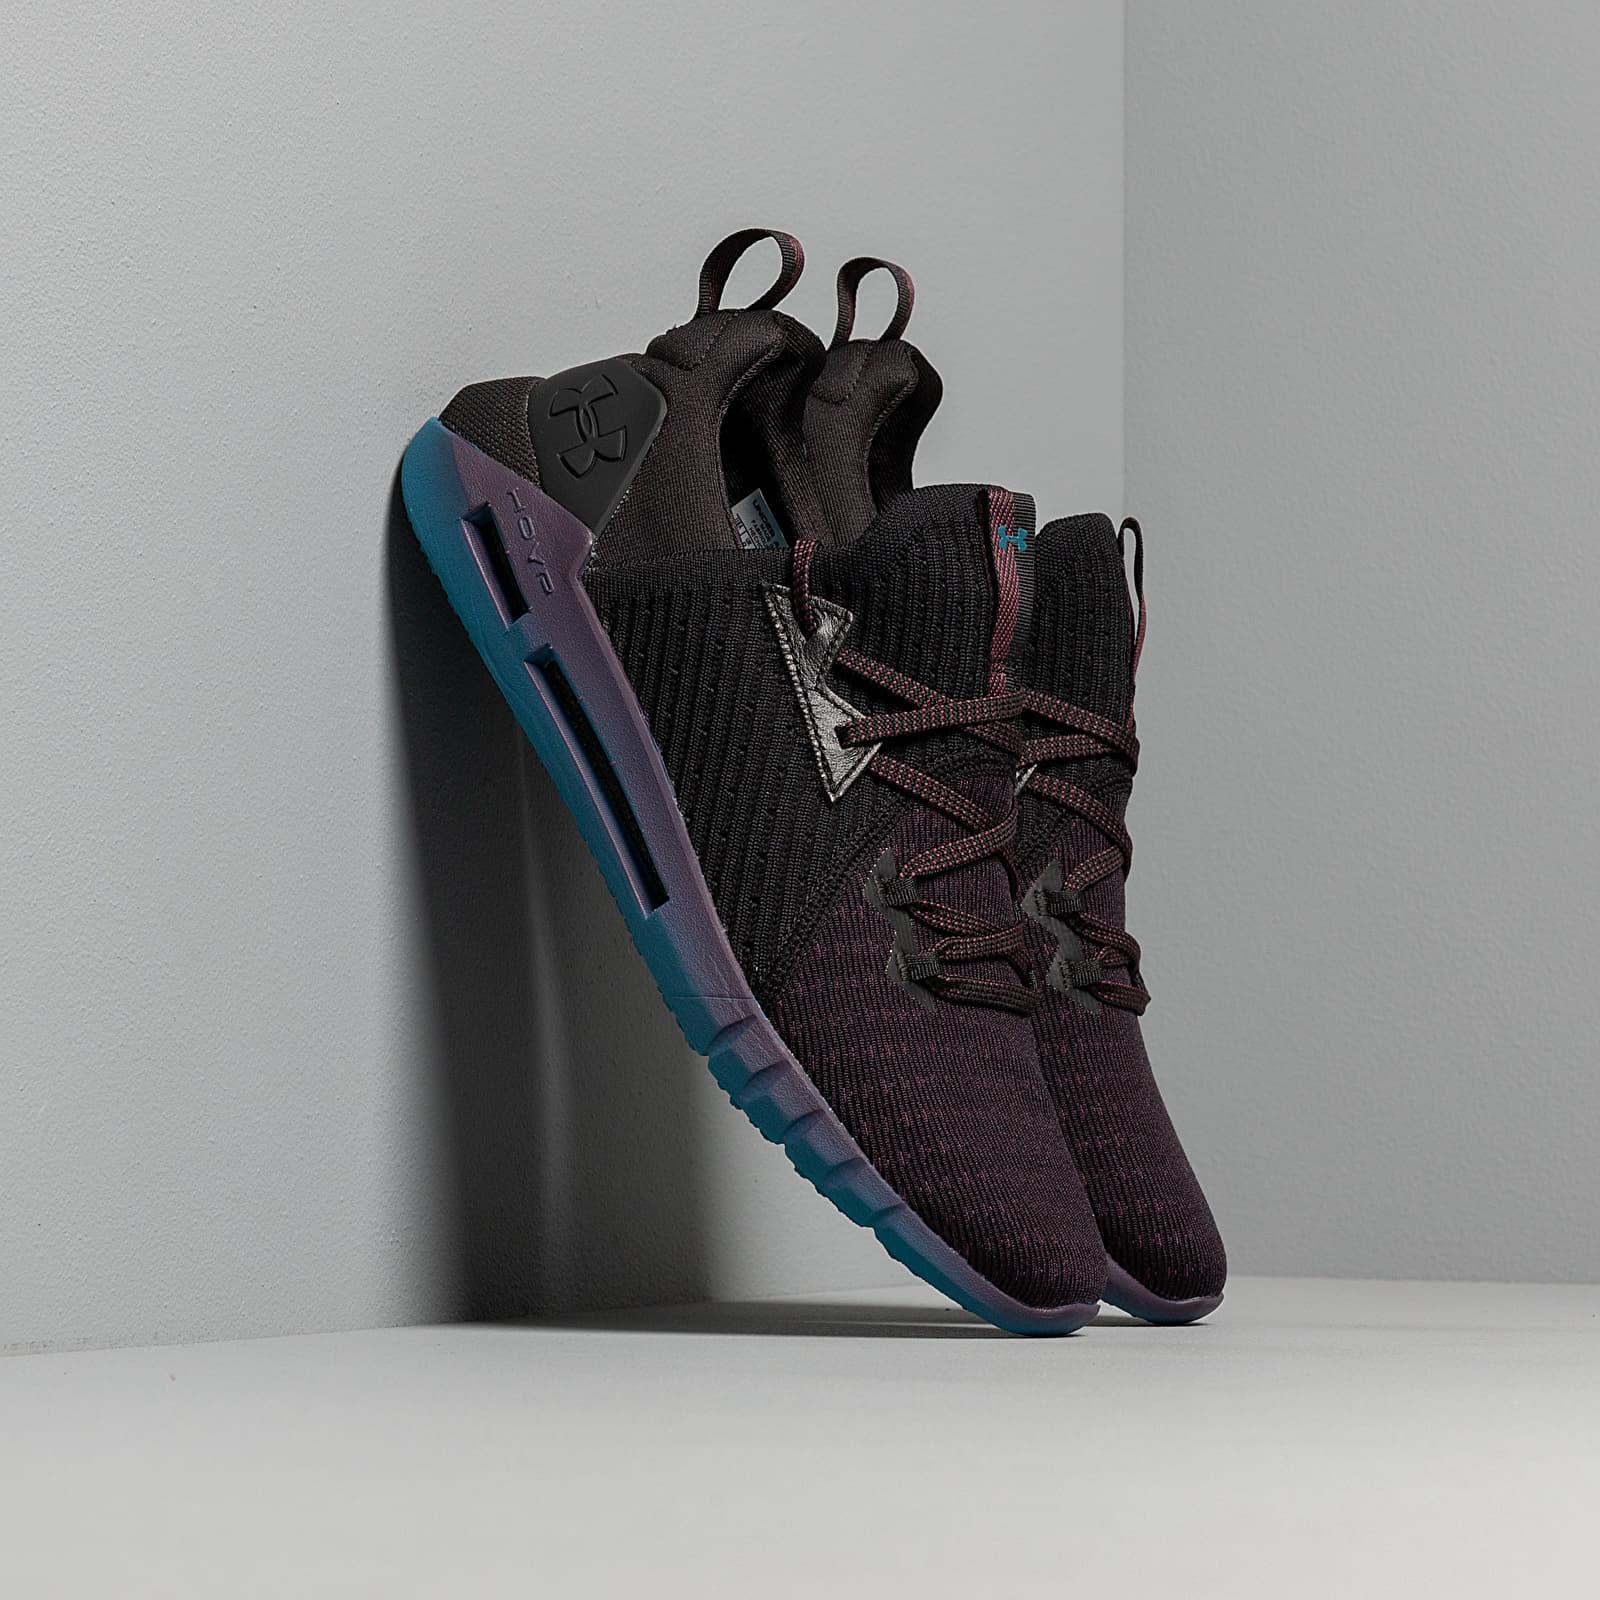 Ανδρικά παπούτσια Under Armour HOVR SLK EVO Black/ Teal Vibe/ Black